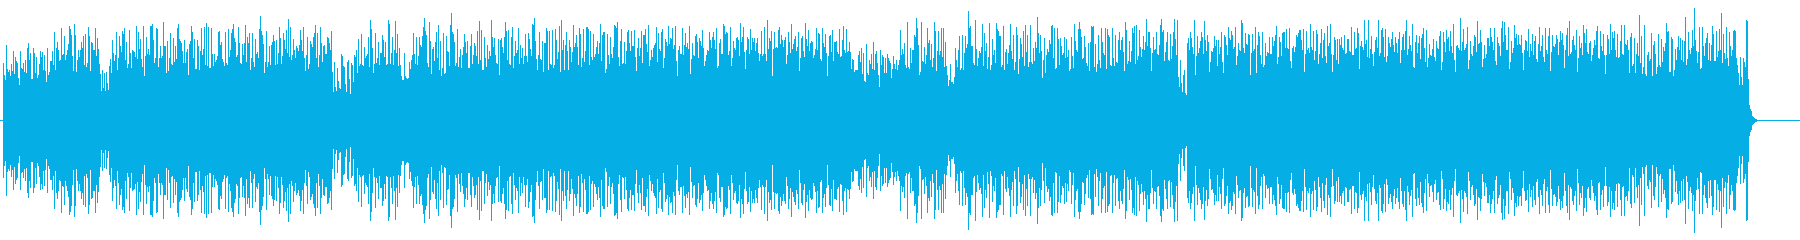 キャッチーなテクノポップ(フルサイズ)の再生済みの波形